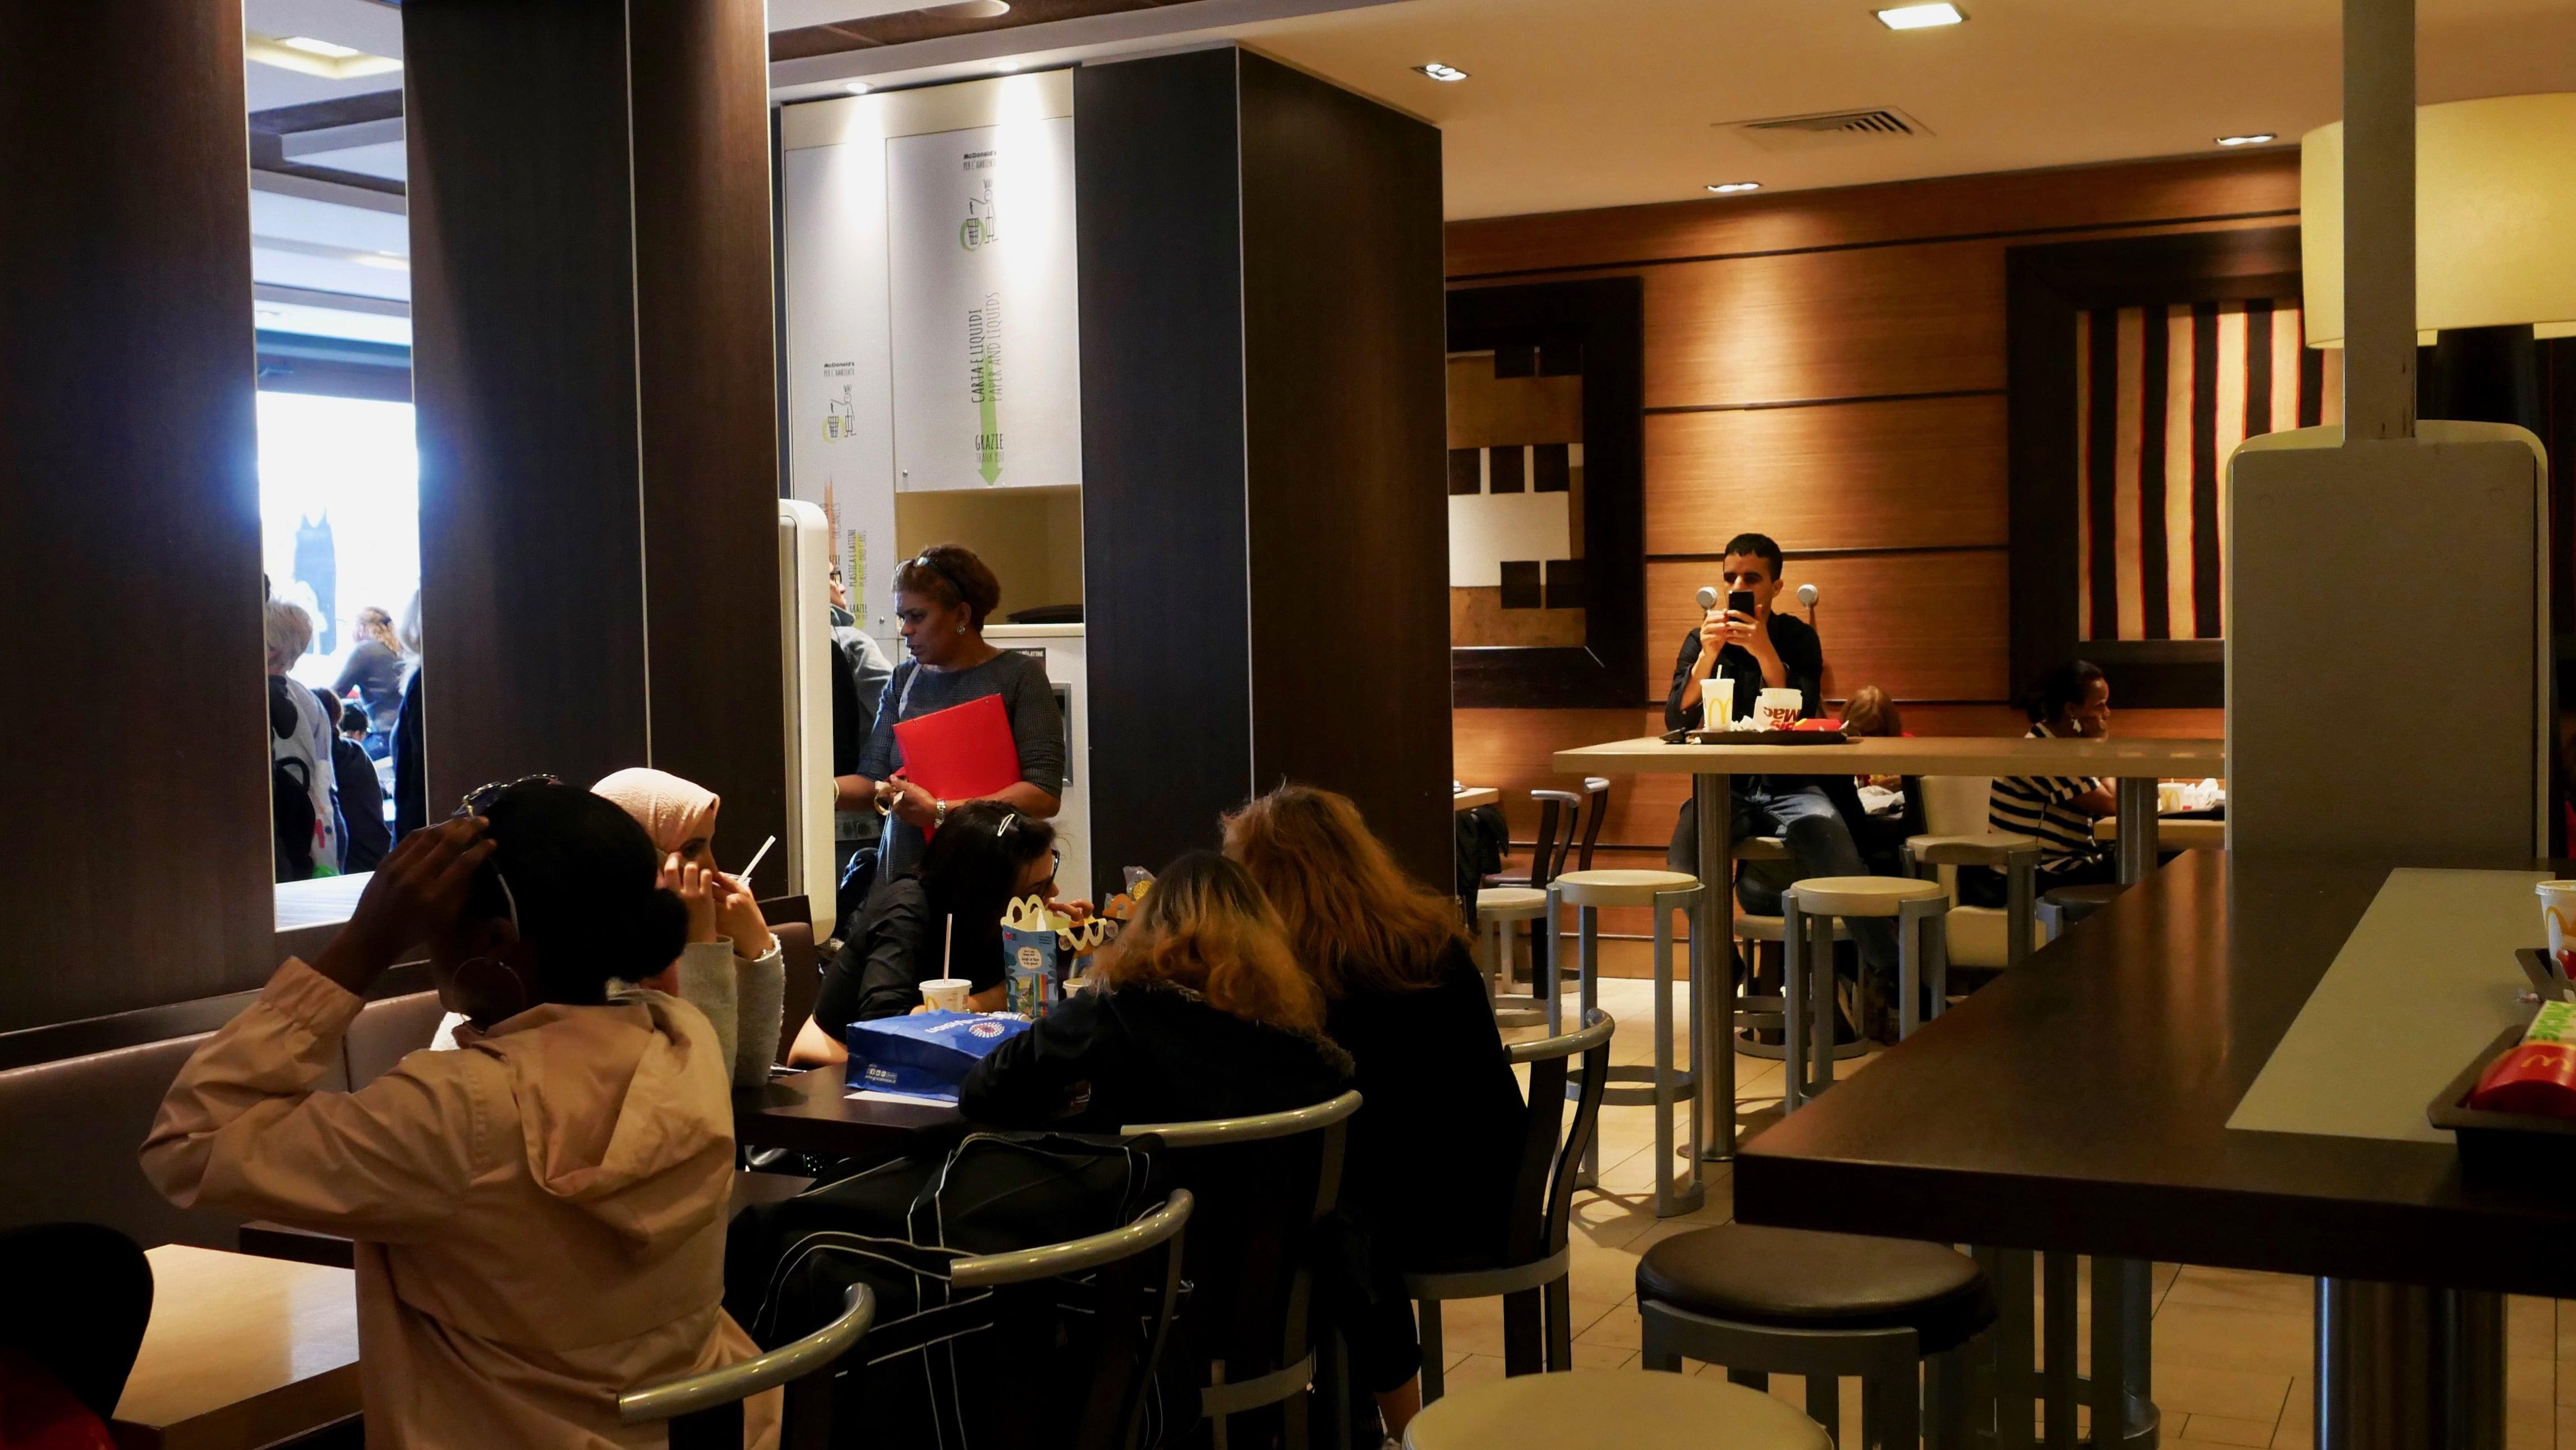 В кафе было очень много народу, конкретно этот Макдональдс пользуется спросом. А у